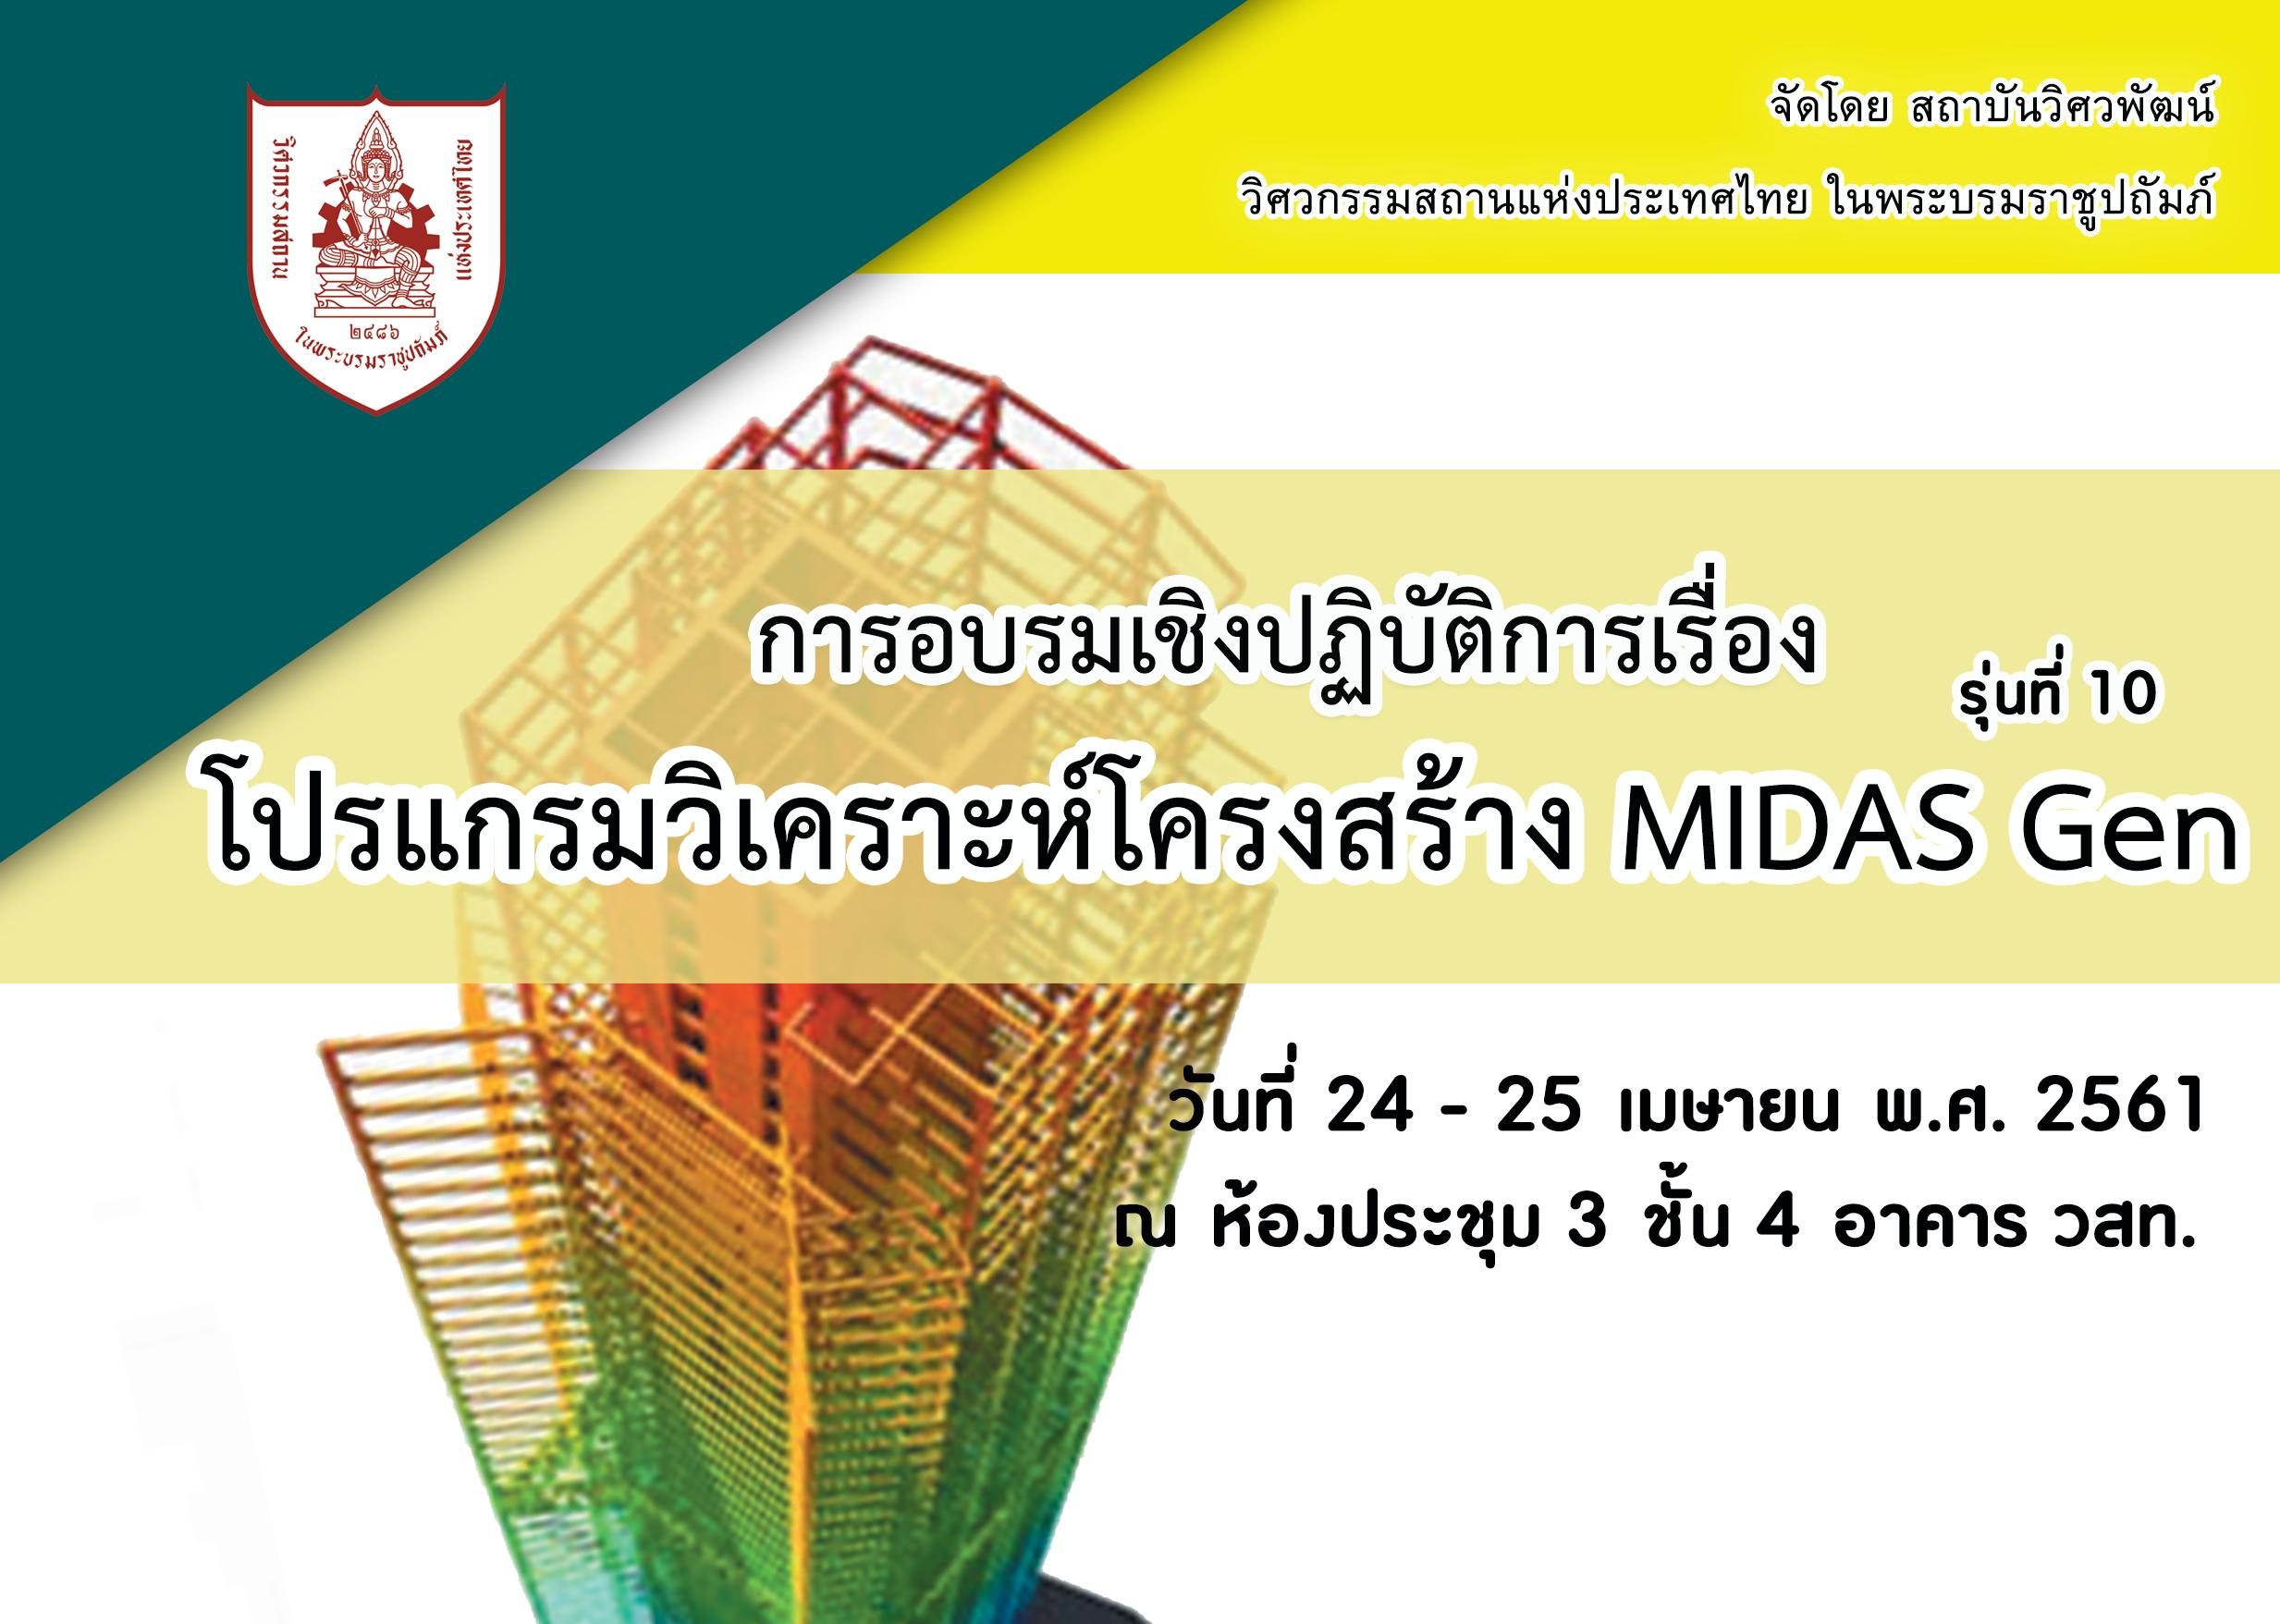 24 – 25/04/61 การอบรมเชิงปฏิบัติการเรื่อง โปรแกรมวิเคราะห์โครงสร้าง MIDAS Gen รุ่นที่ 10